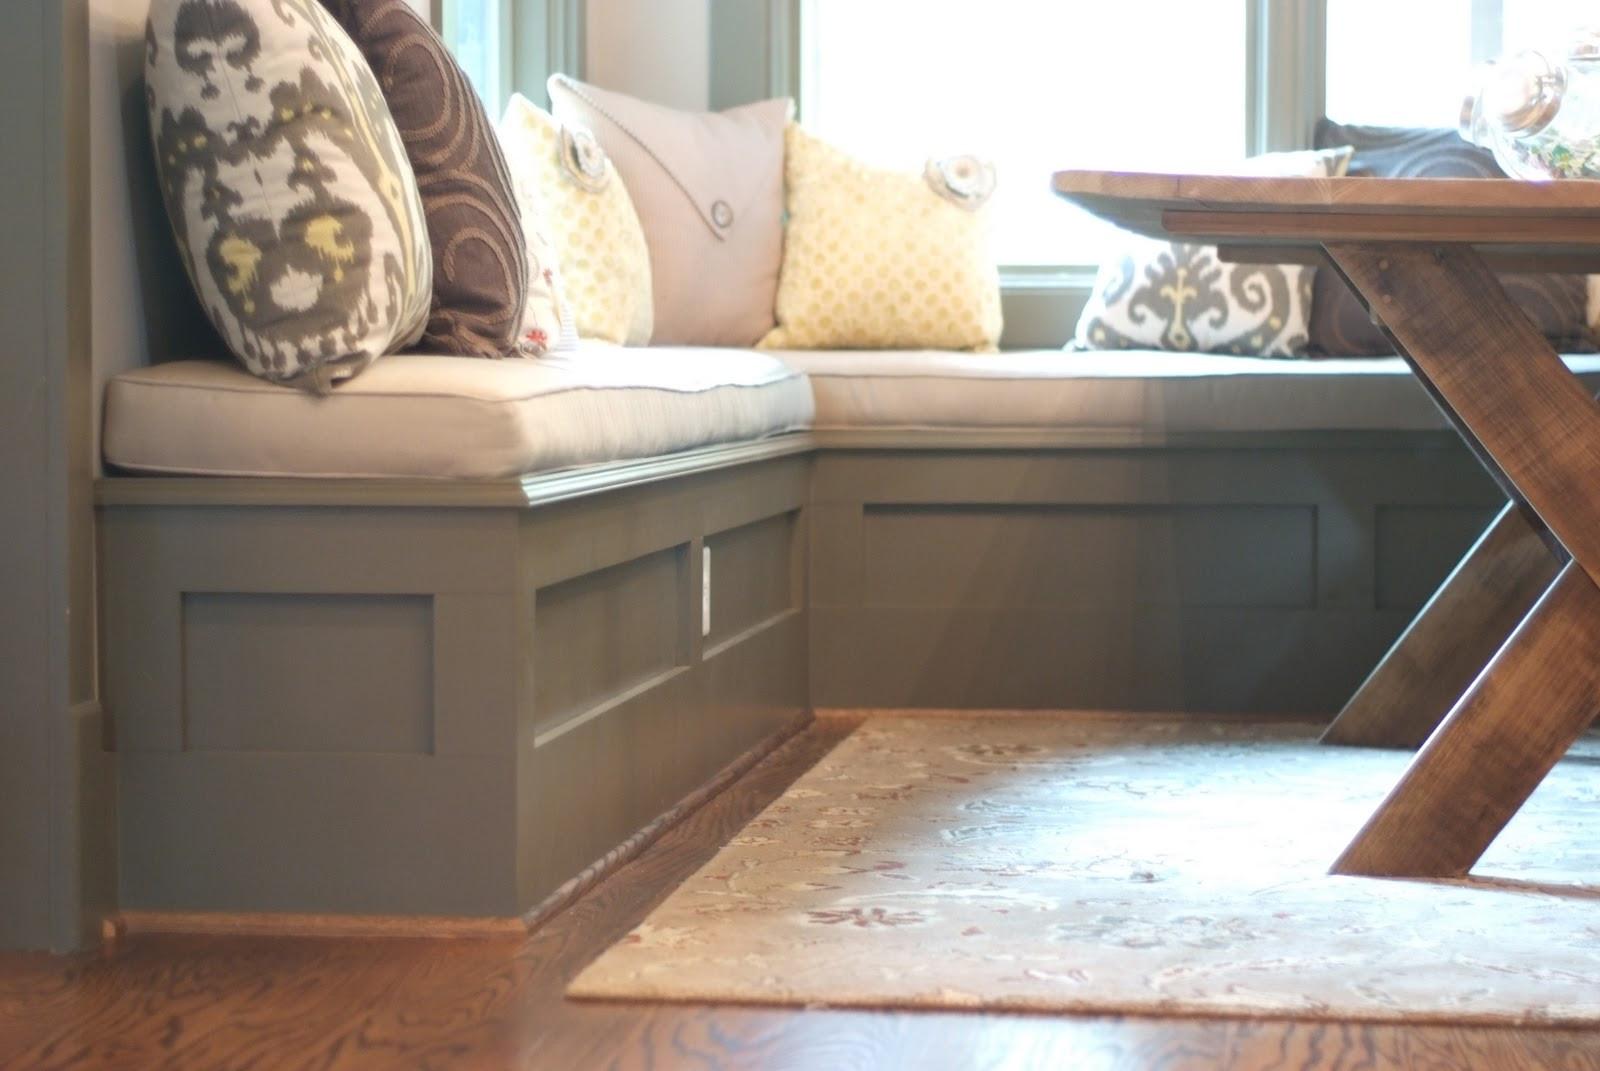 Kitchen Nook Bench With Storage  Kiwi Wood Werks & Designs & Designs custom breakfast